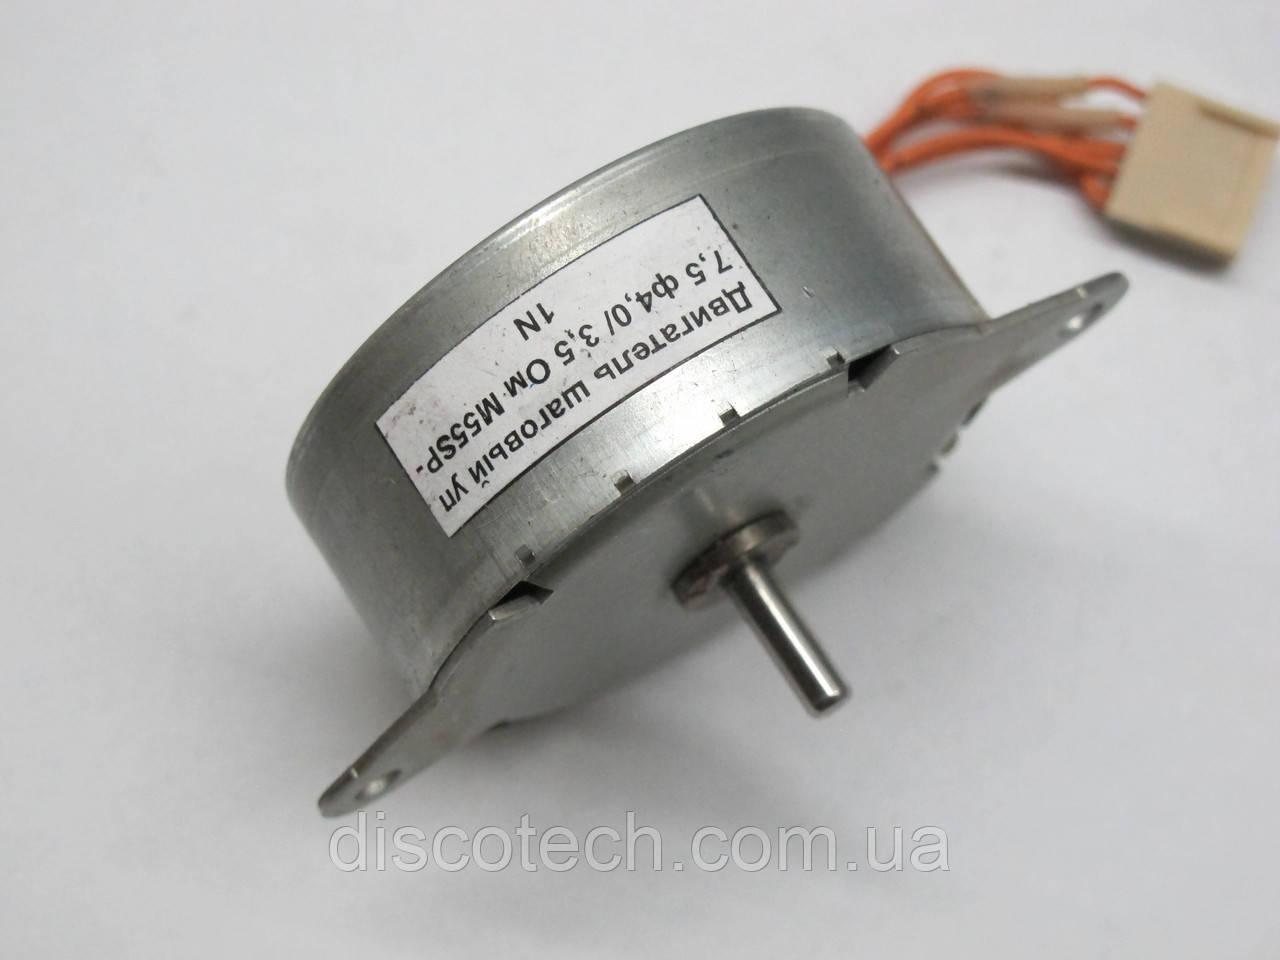 Двигатель шаговый уп 7,5 ф4,0/  3,5 Ом M55SP-1N